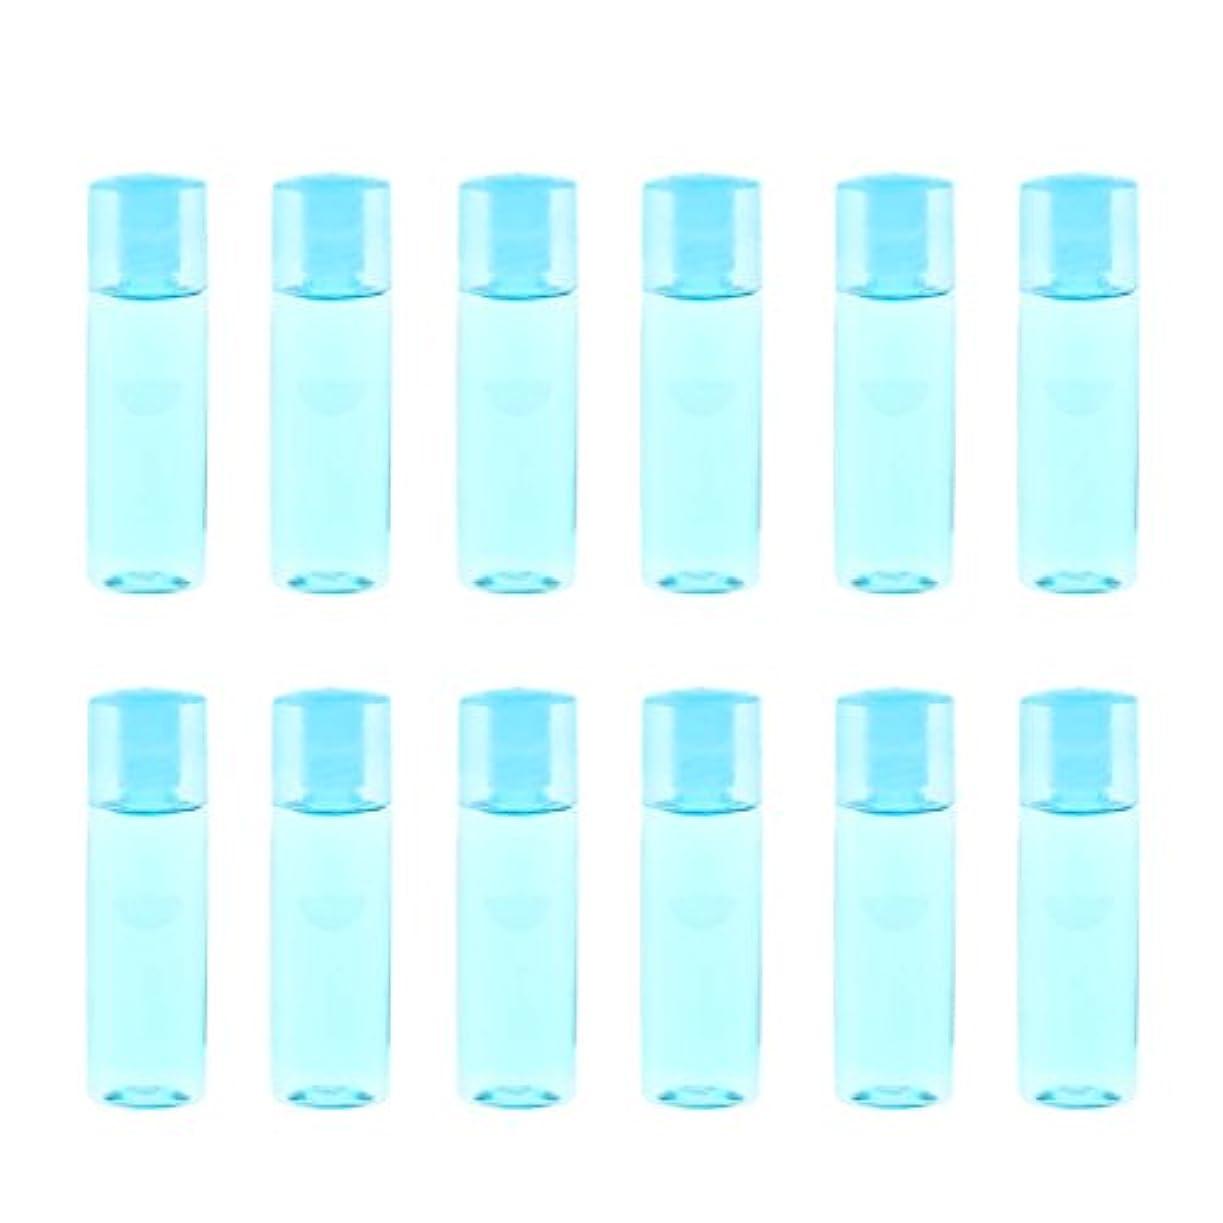 労苦有害なスパイラルdailymall 12個のミニ詰め替え可能な空の目薬メイクアップ化粧品トラベルボトル15ml